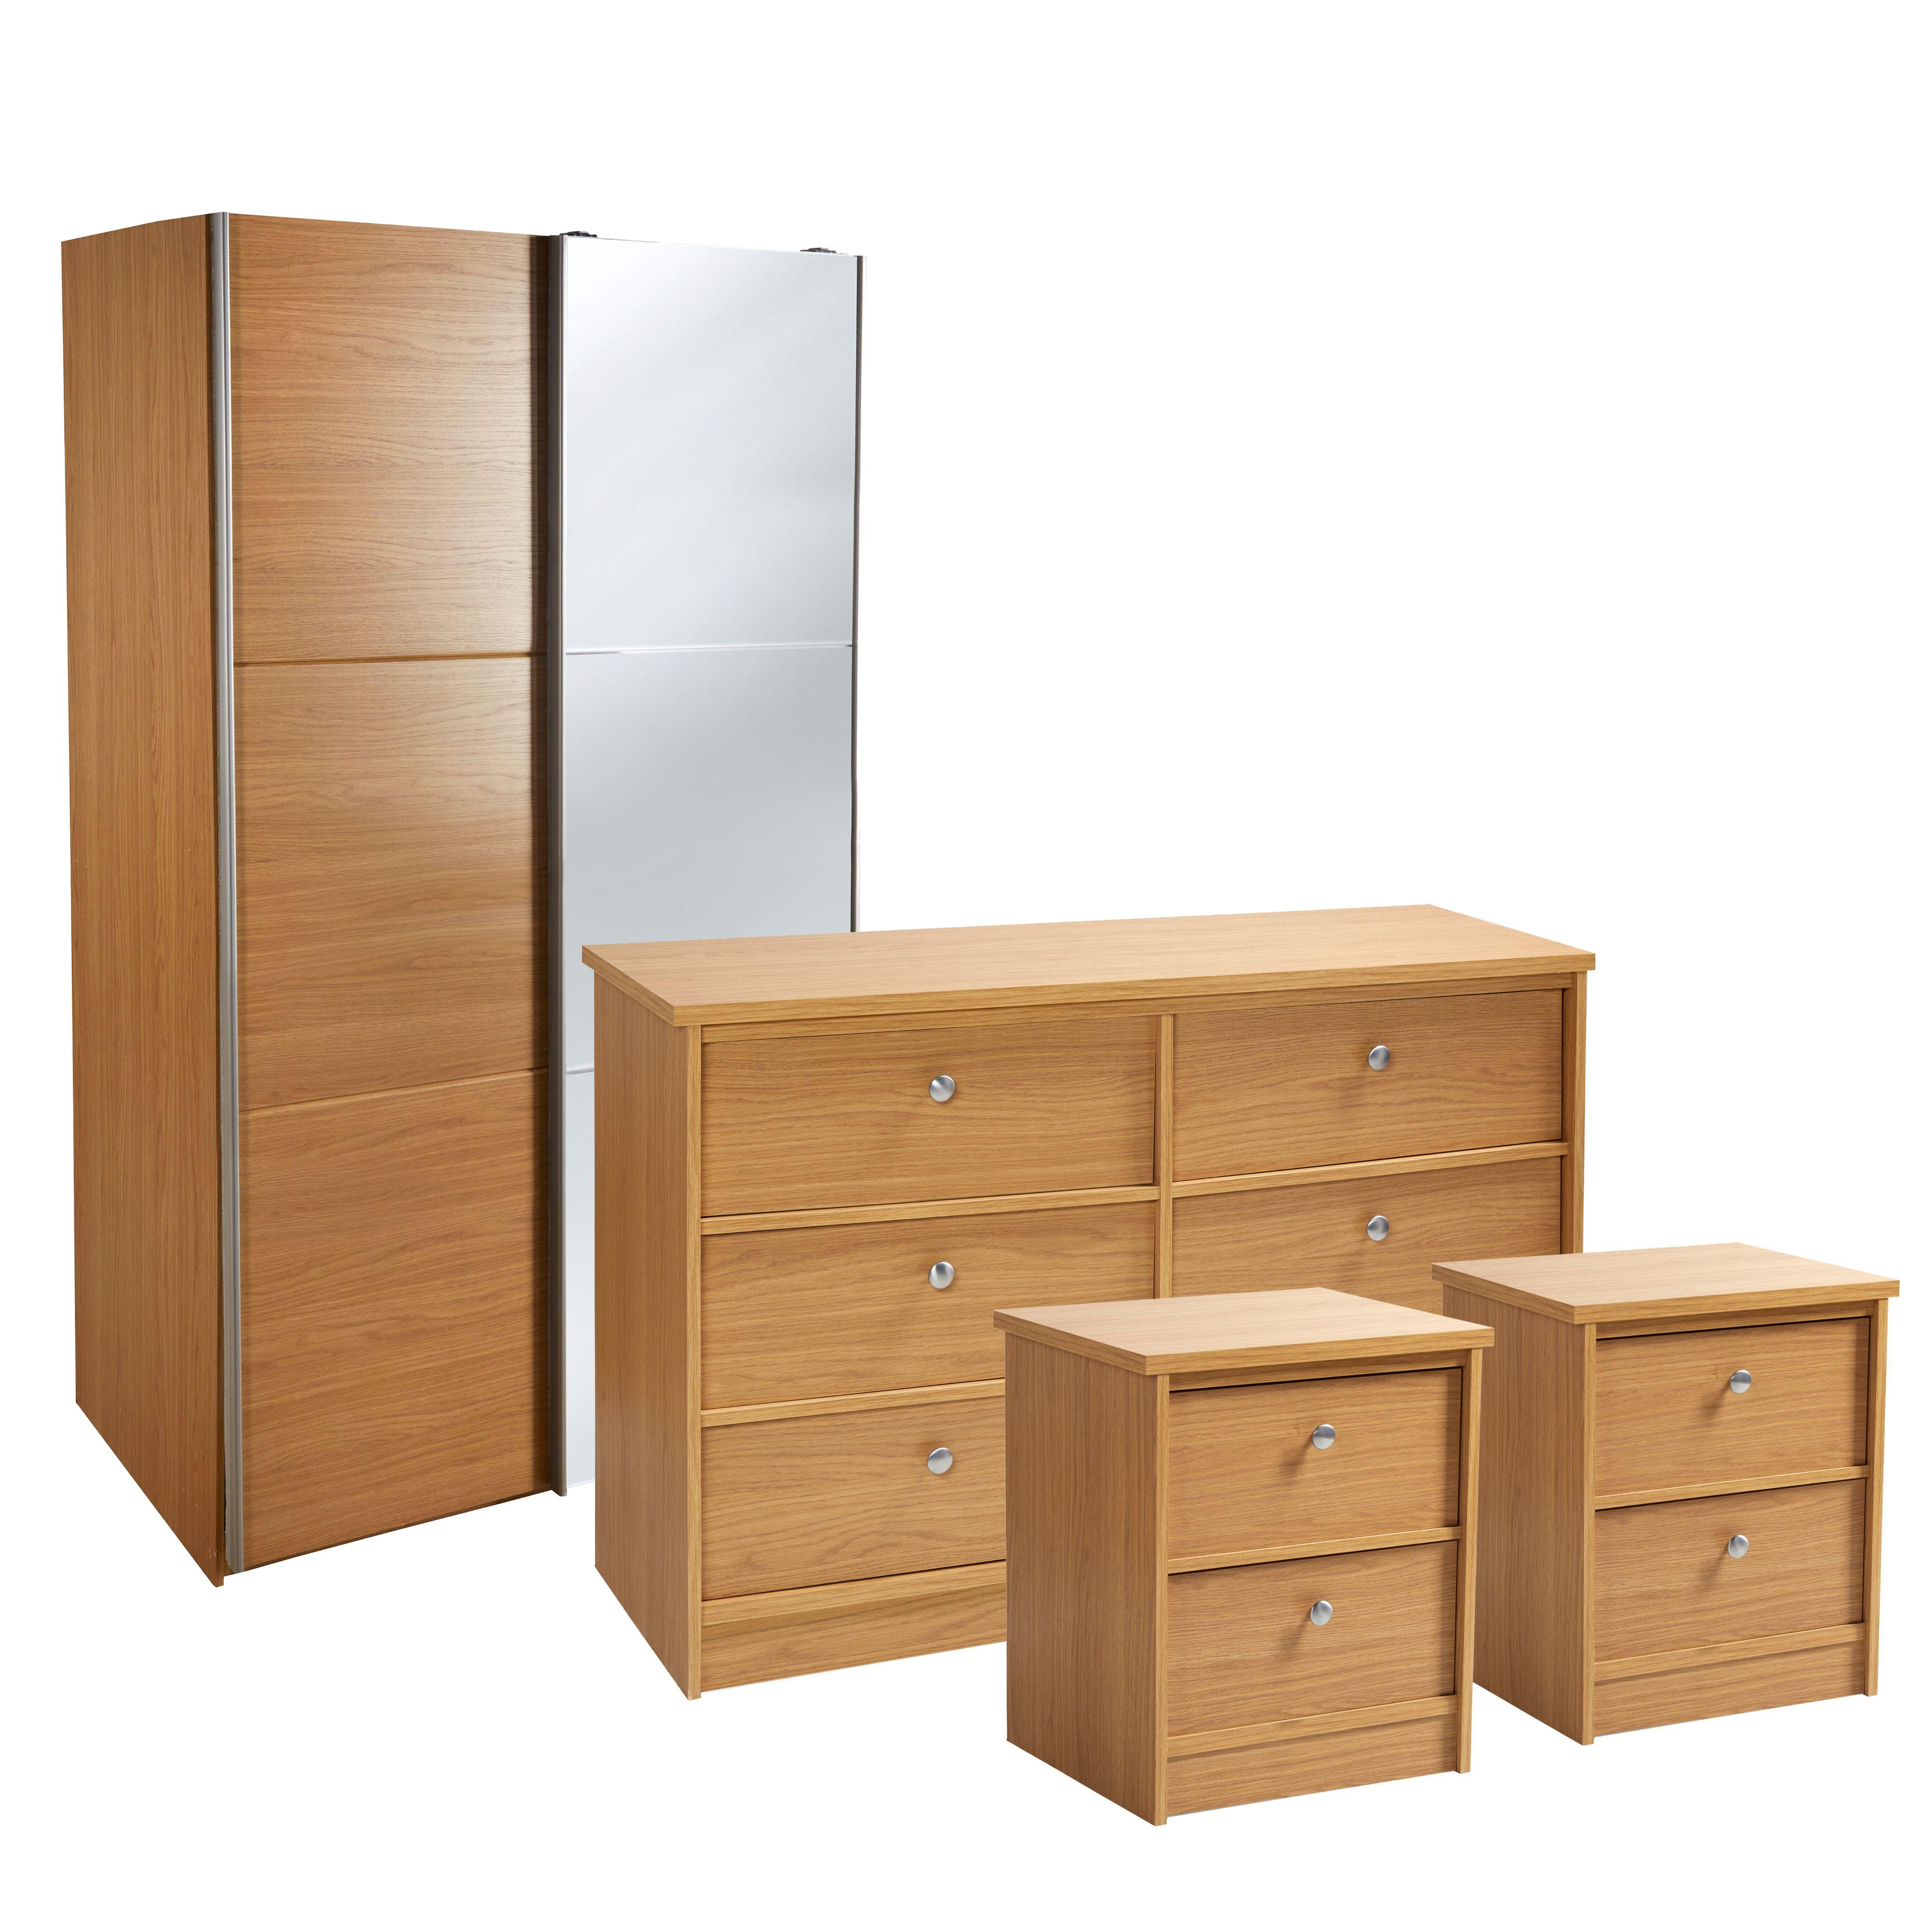 Kendal Oak Effect 4 Piece Bedroom Furniture Set. 3 Piece Bedroom Sets   Bedroom Furniture   DIY at B Q